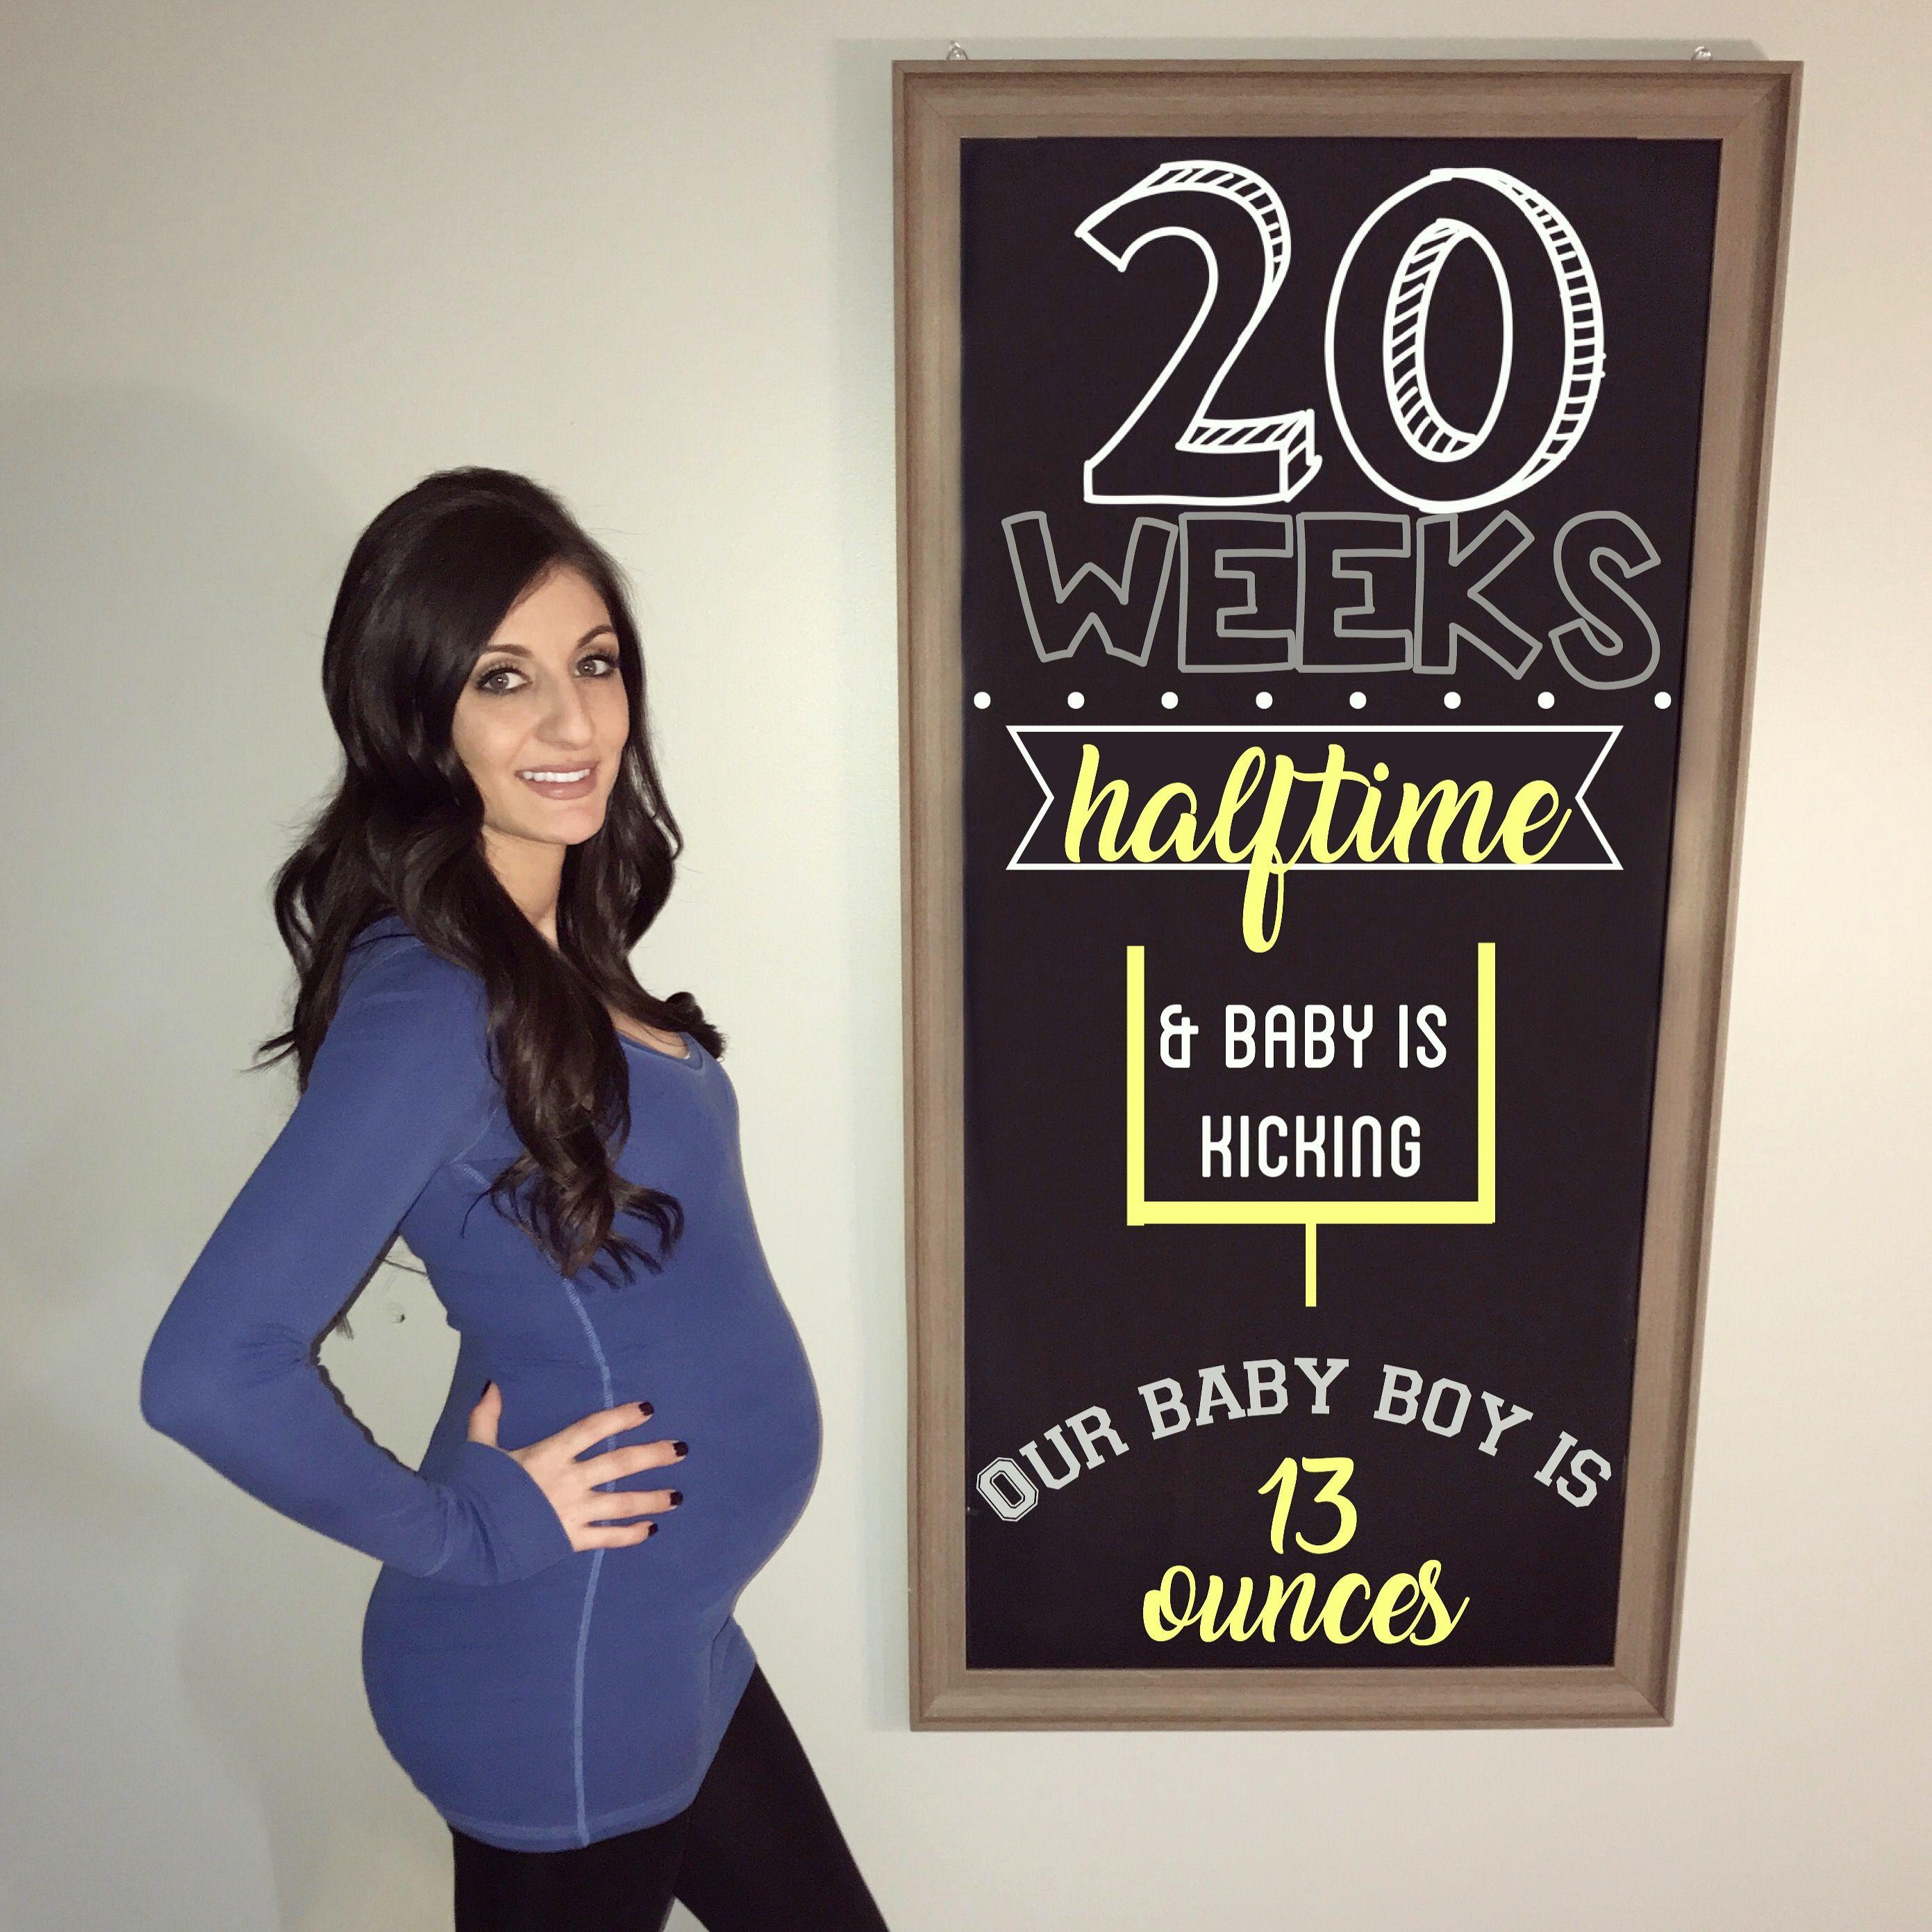 20 WEEK BUMPDATE #pregnancy #20weeks #20weekspregnant #pregnancychalkboard #bumpdate